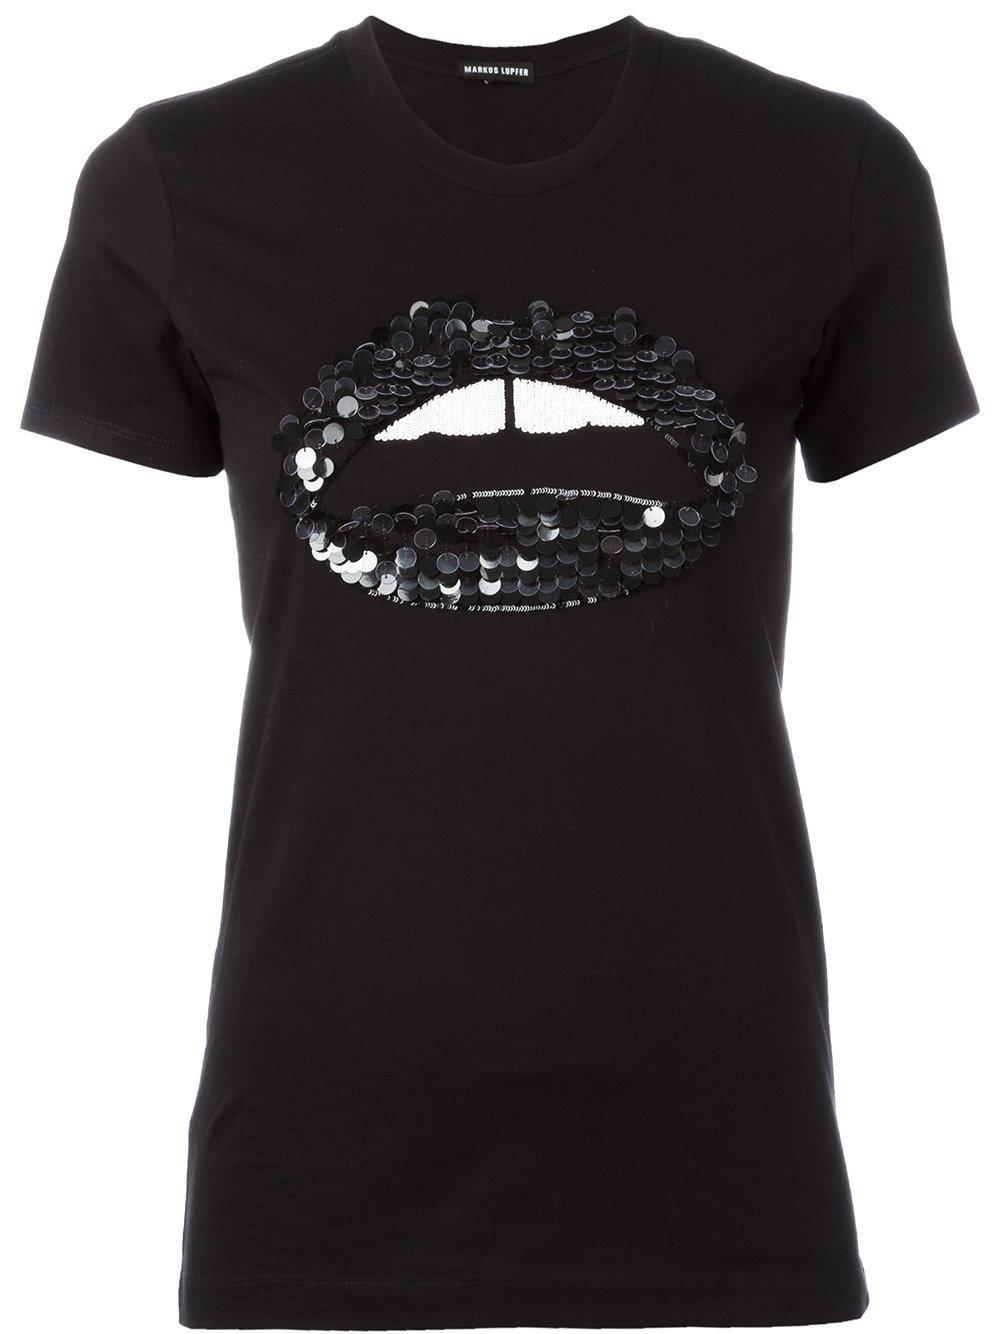 Lyst Markus Lupfer Sequin Embellished Lip T Shirt In Black